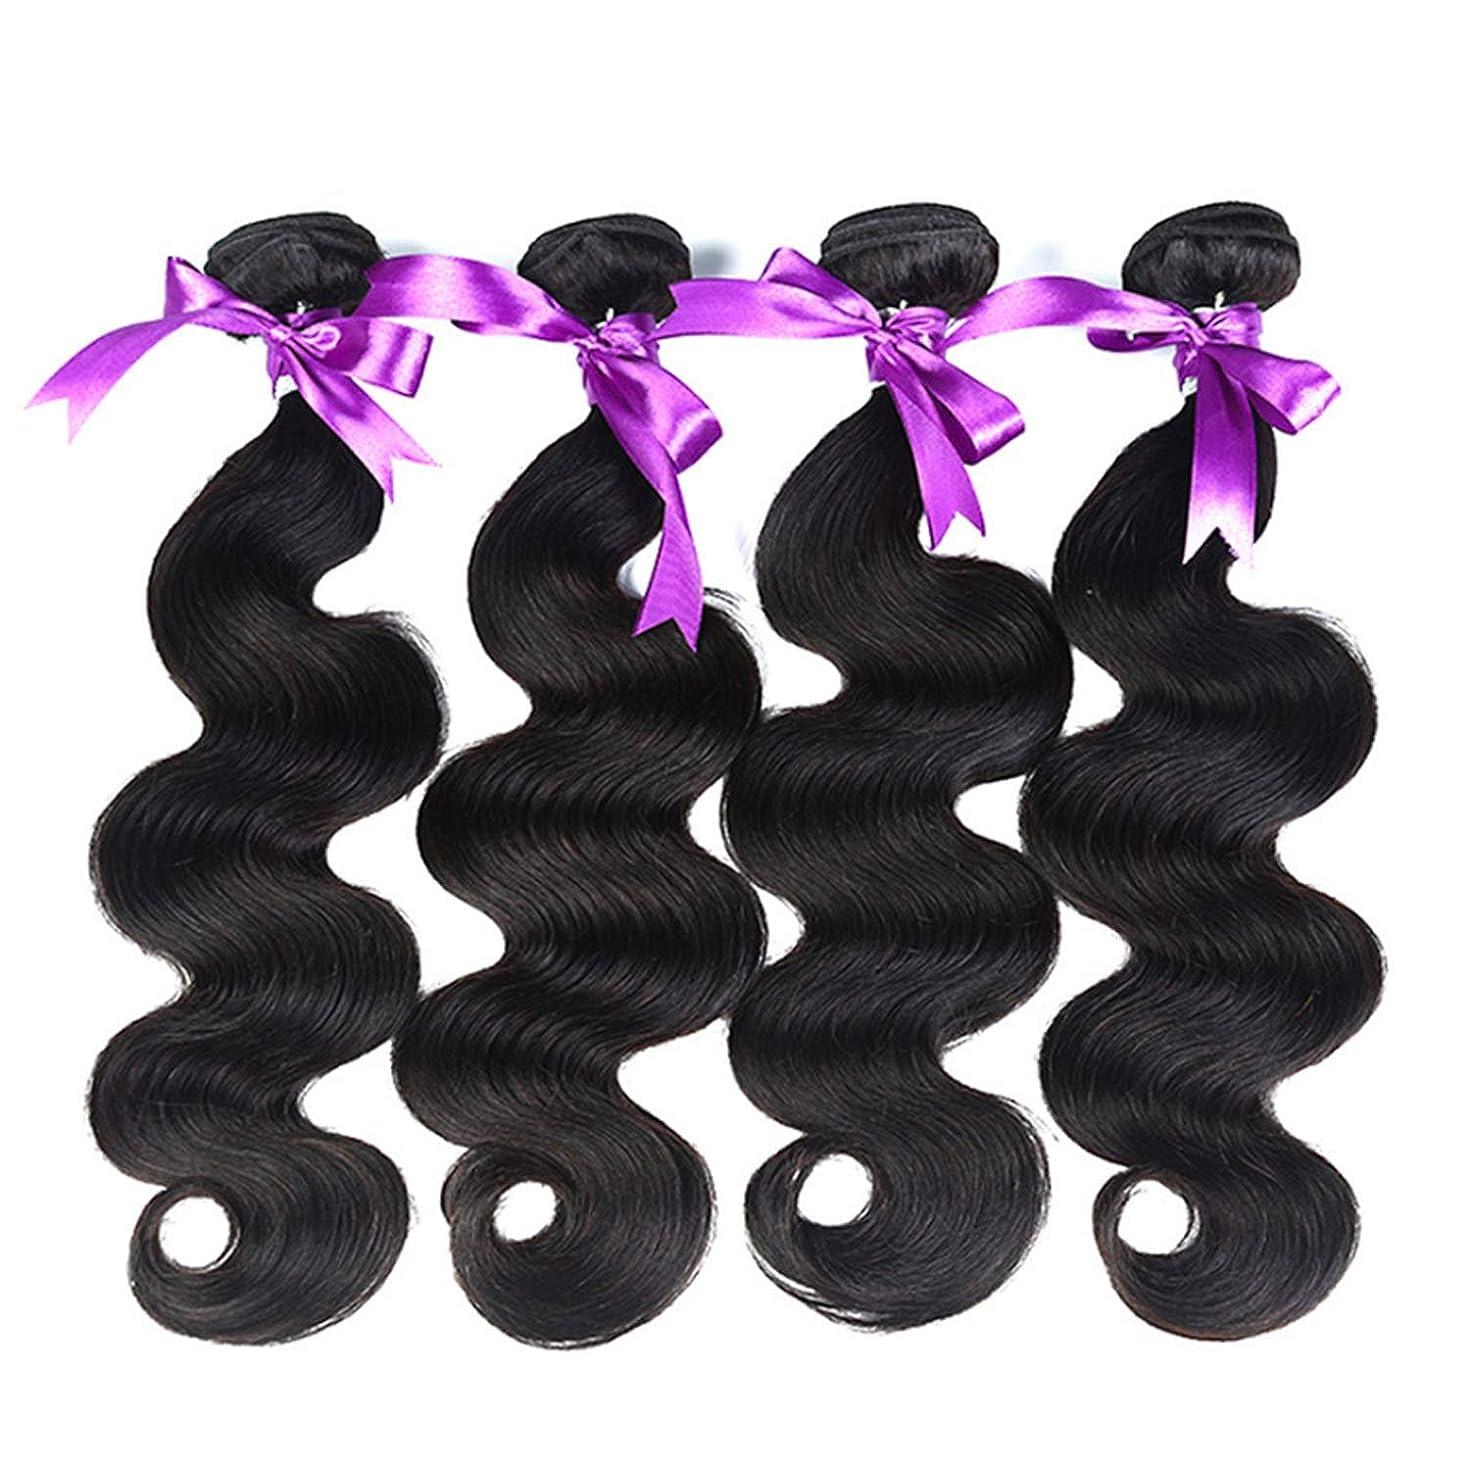 コールド軽く魅了するブラジルの体毛バンドル8-28インチ100%人間の髪織りレミー髪ナチュラルカラー4ピース髪バンドル かつら (Stretched Length : 16 18 20 22)